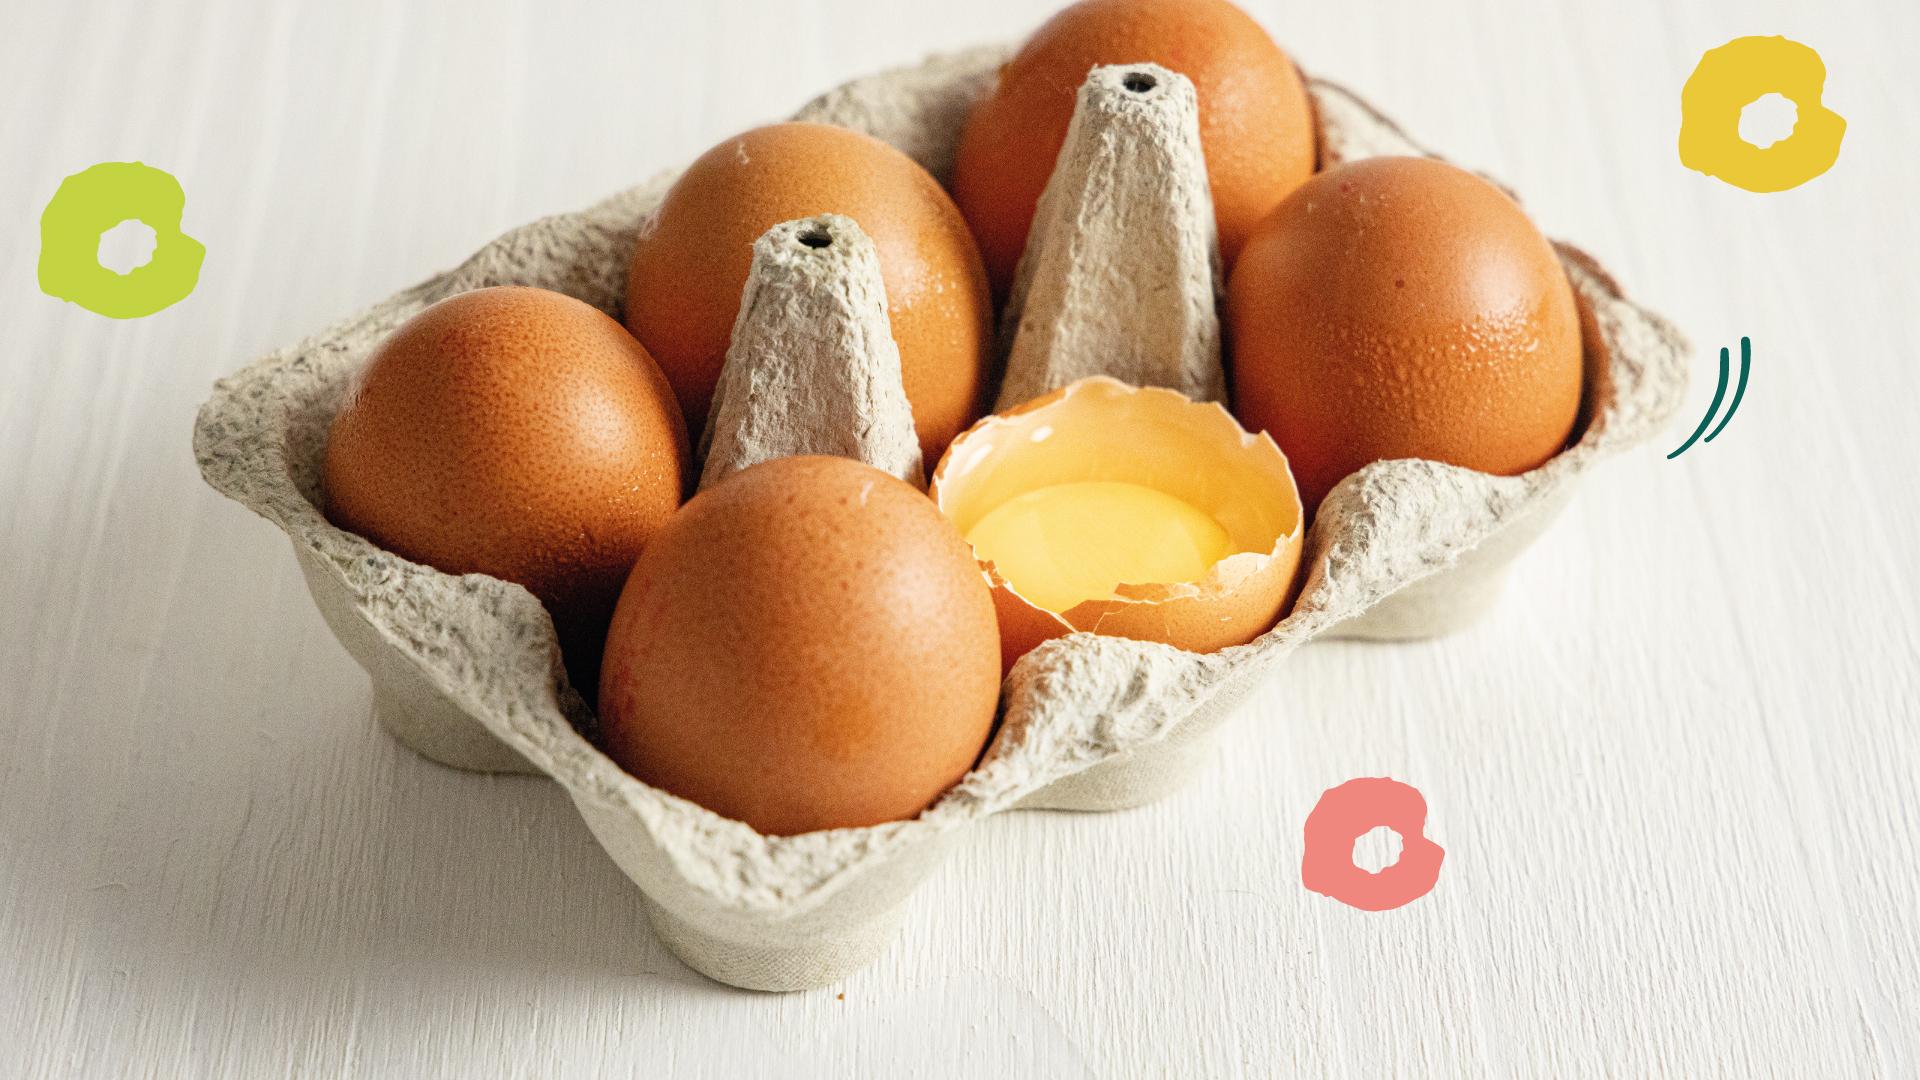 ovos-organicos-raizs